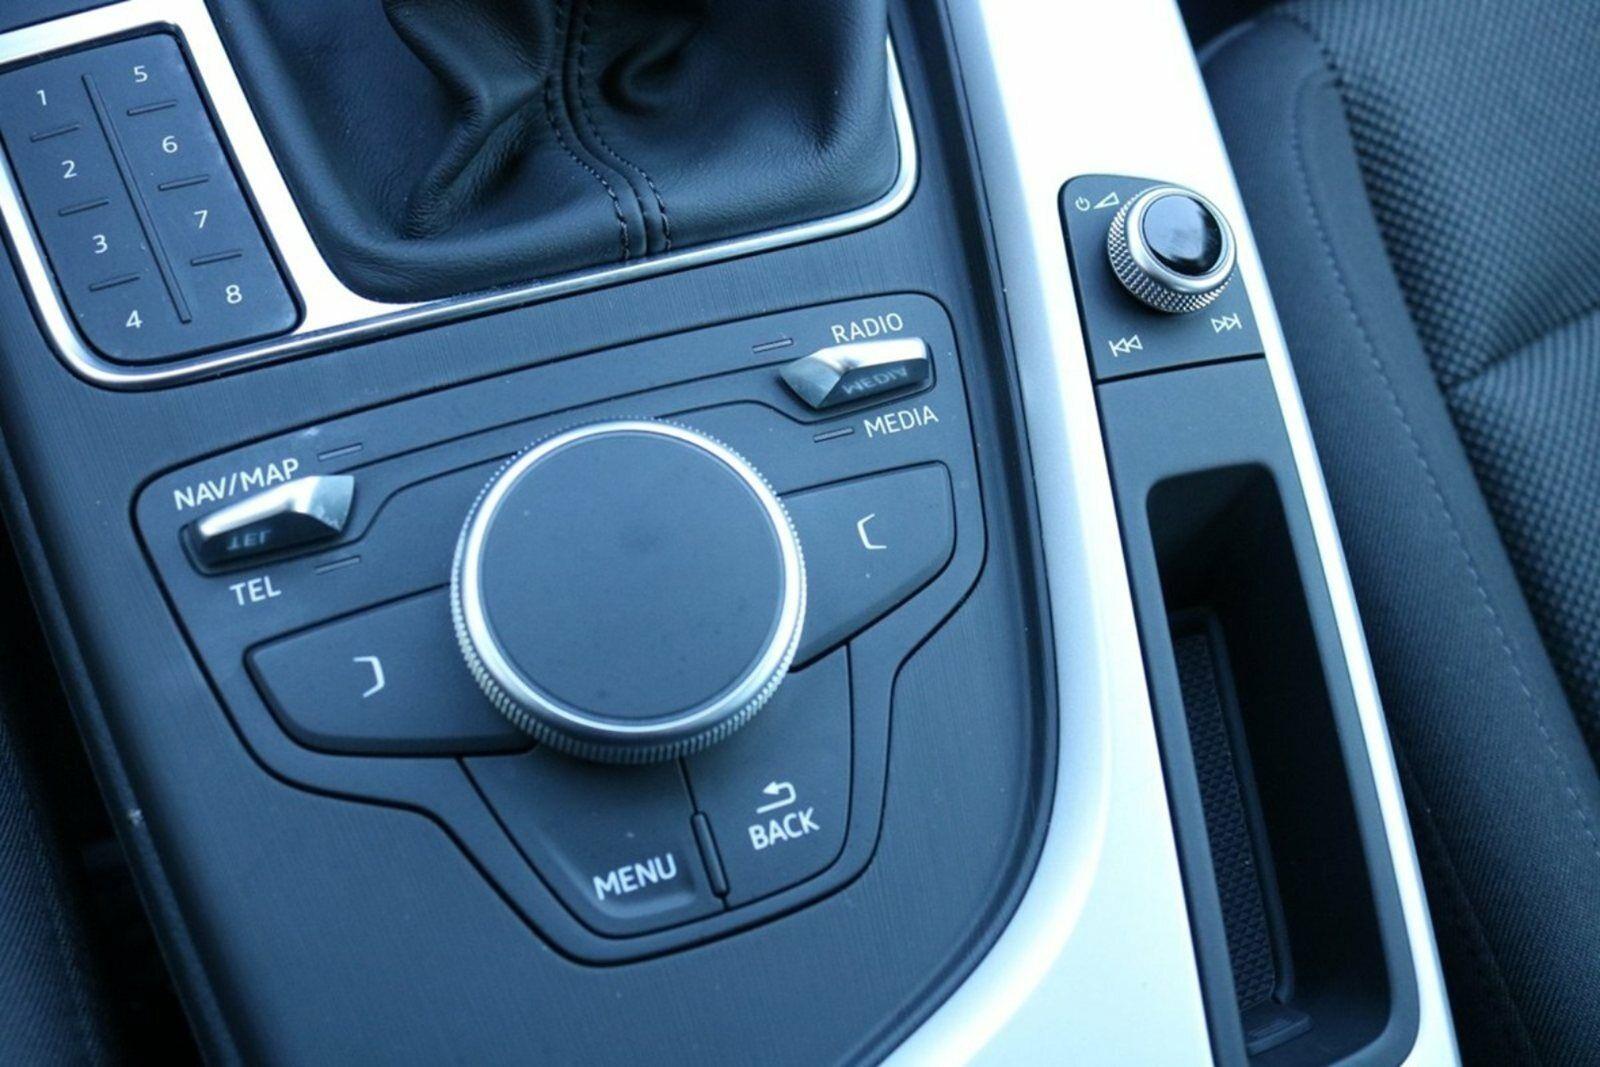 Audi A4 TFSi 190